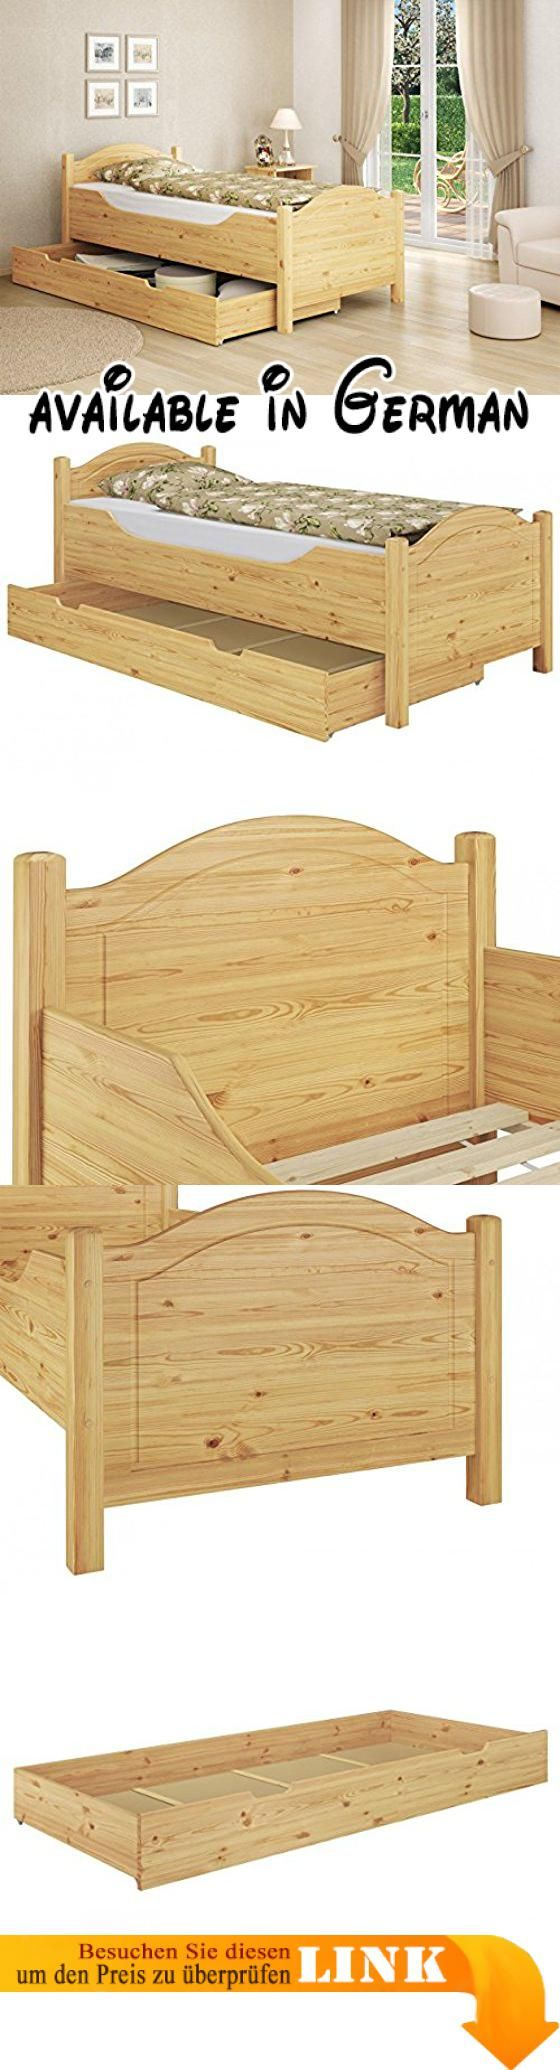 die besten 25 einzelbett 100x200 ideen auf pinterest. Black Bedroom Furniture Sets. Home Design Ideas